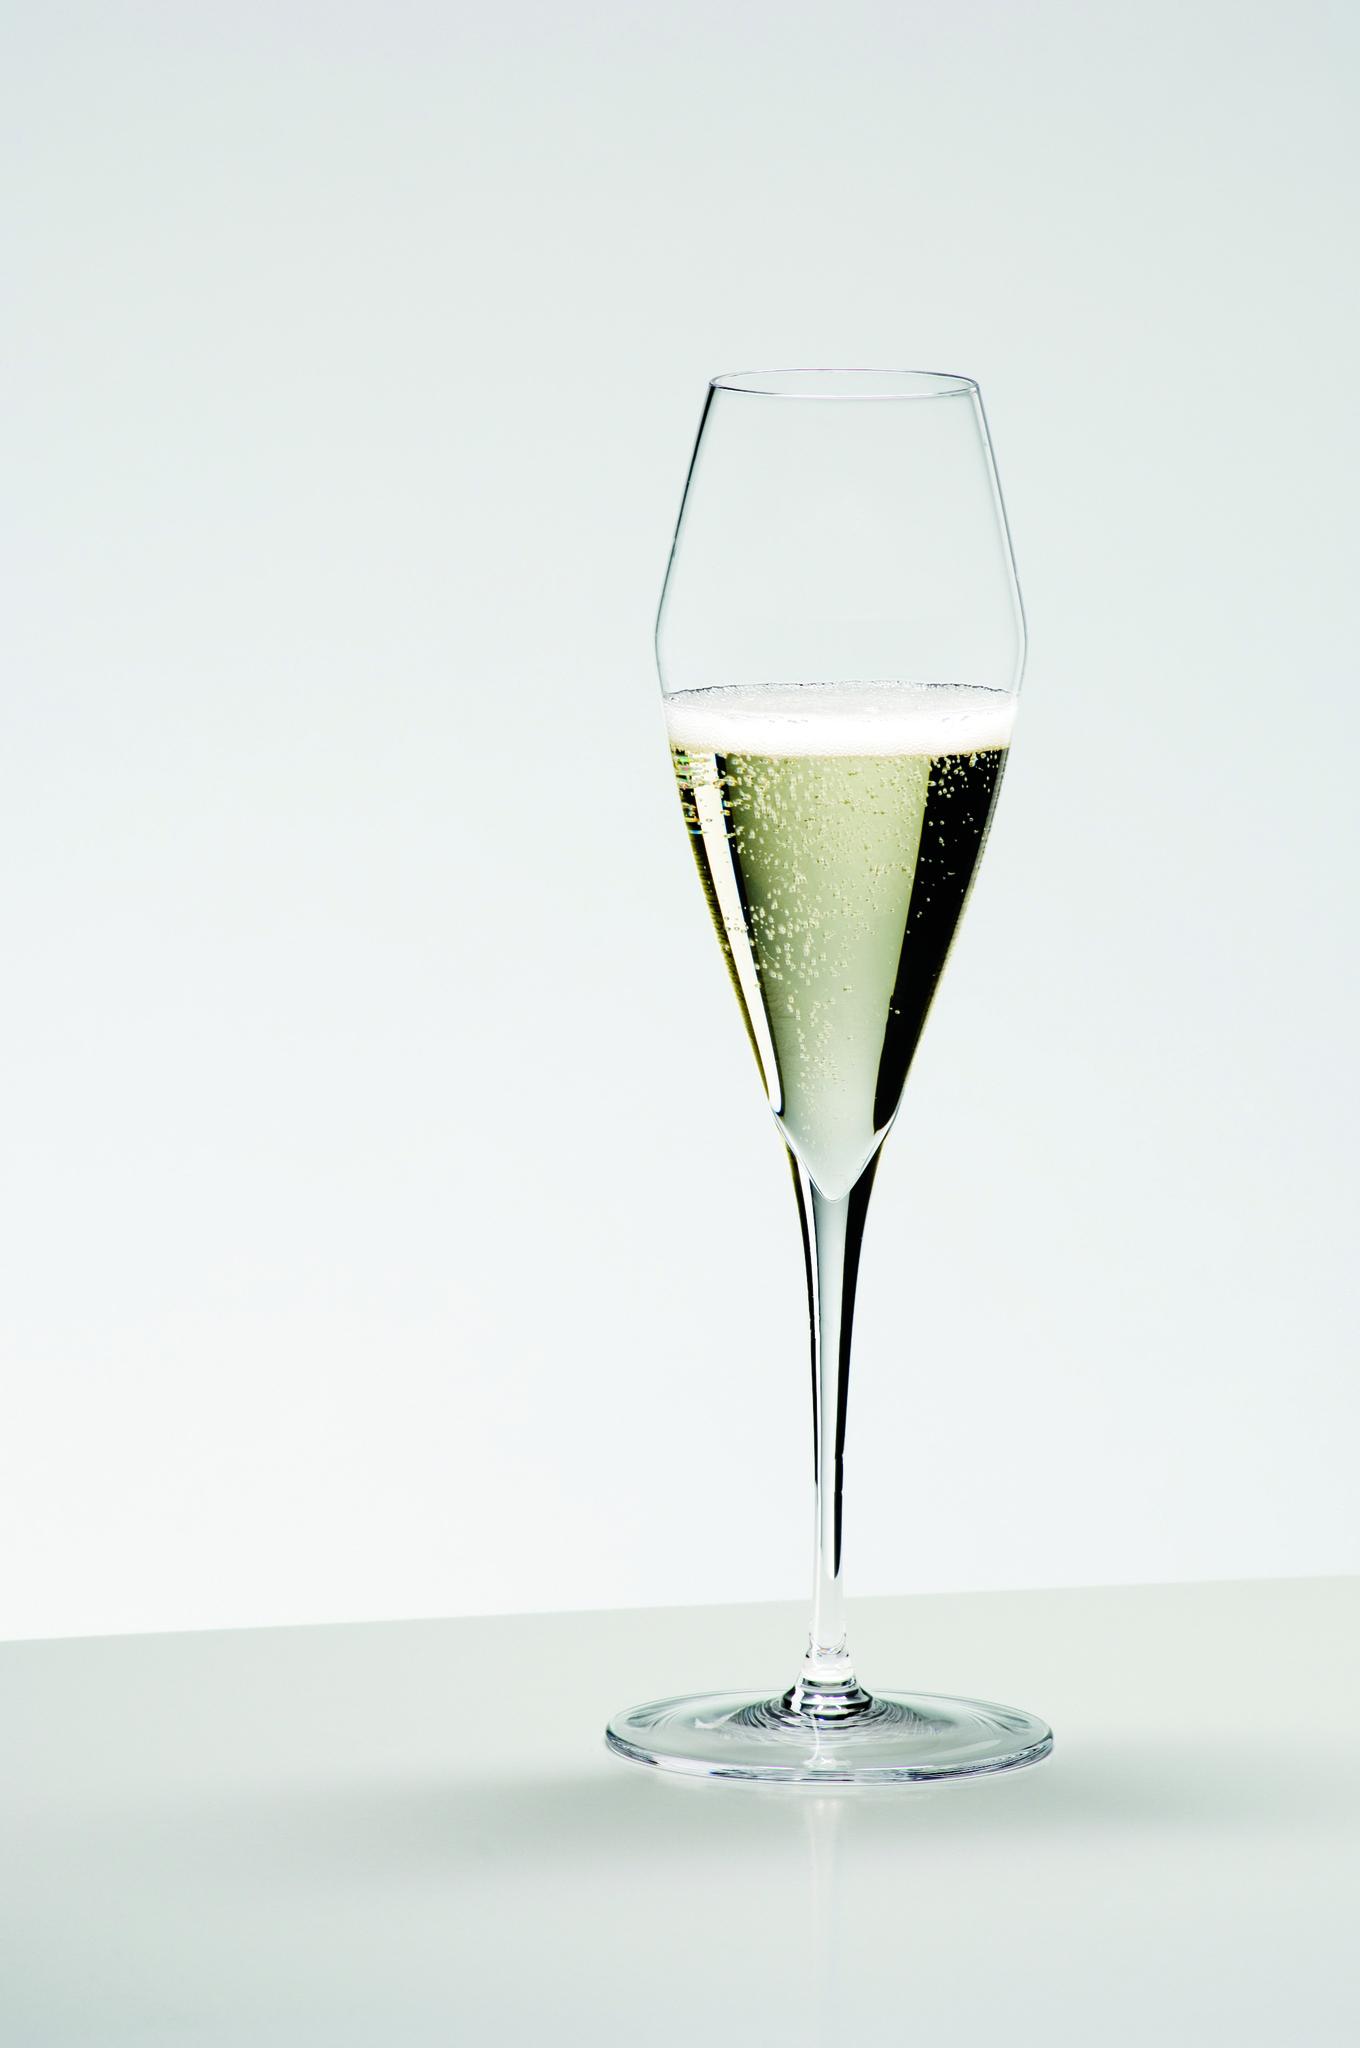 Бокалы Набор бокалов для шампанского 2шт 320мл Riedel Vitis Champagne Glass nabor-bokalov-dlya-shampanskogo-2-sht-320-ml-riedel-champagne-glass-avstriya.jpg